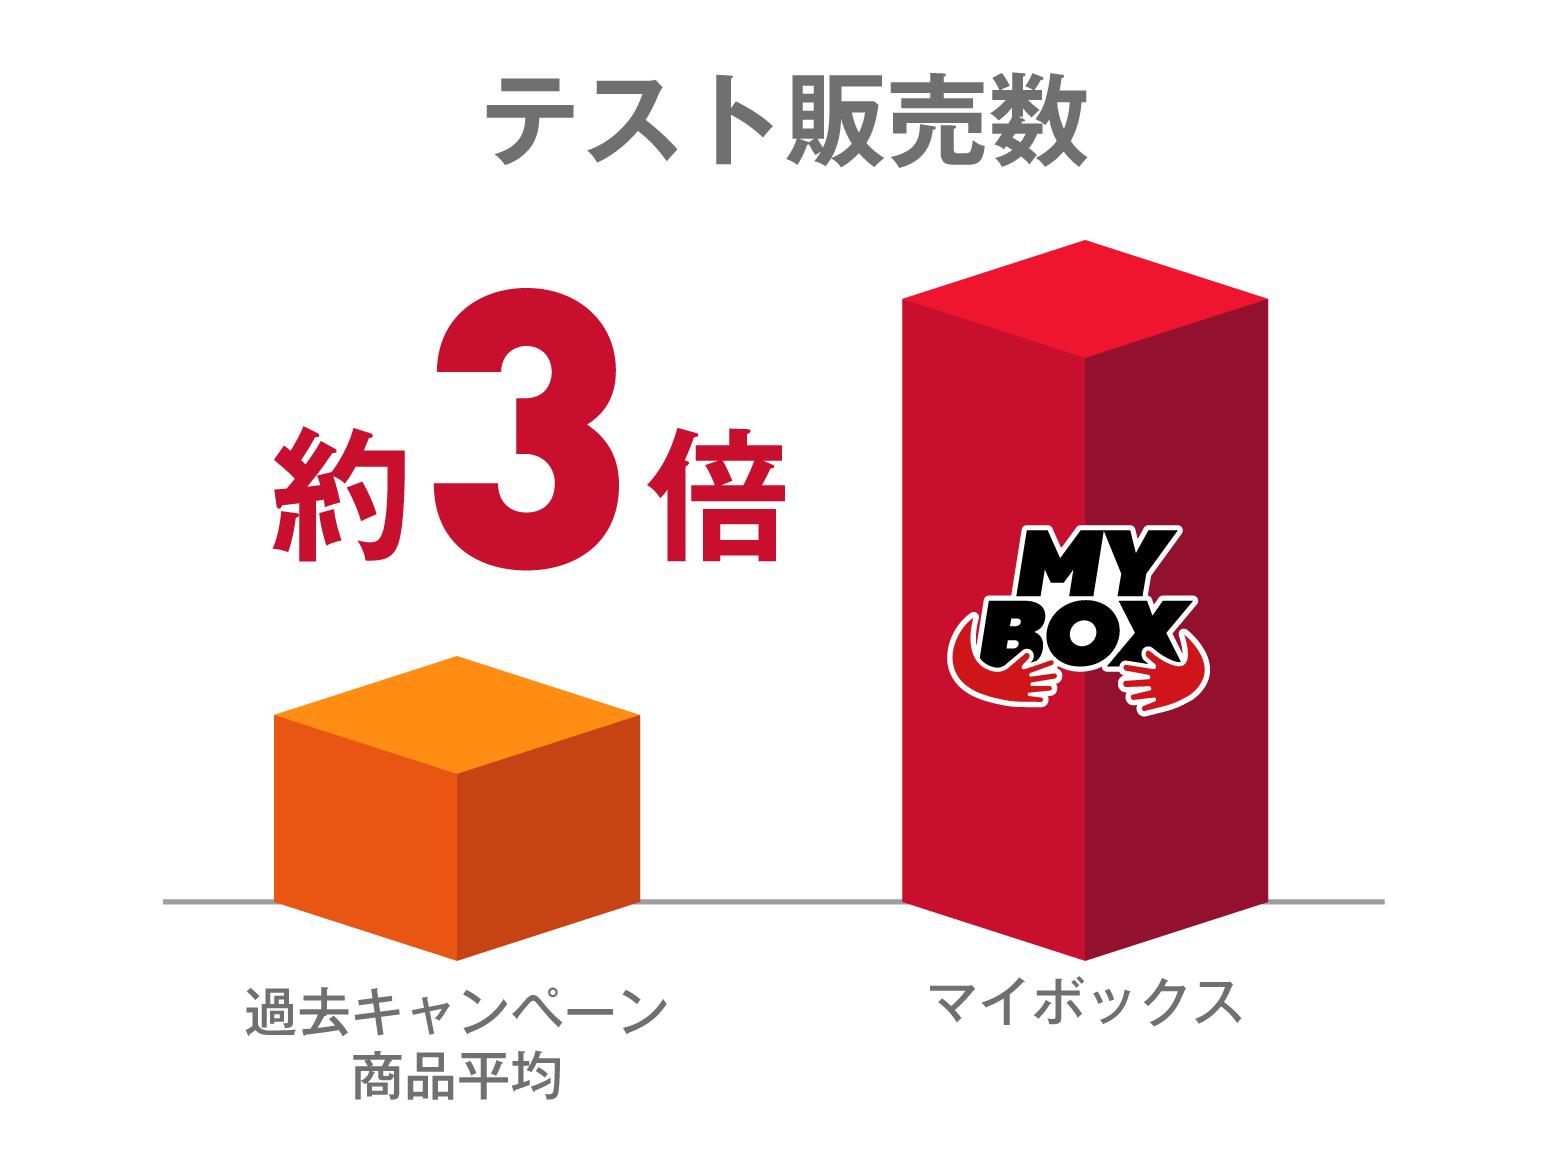 ピザハット『MY BOX(マイボックス)』-テスト結果